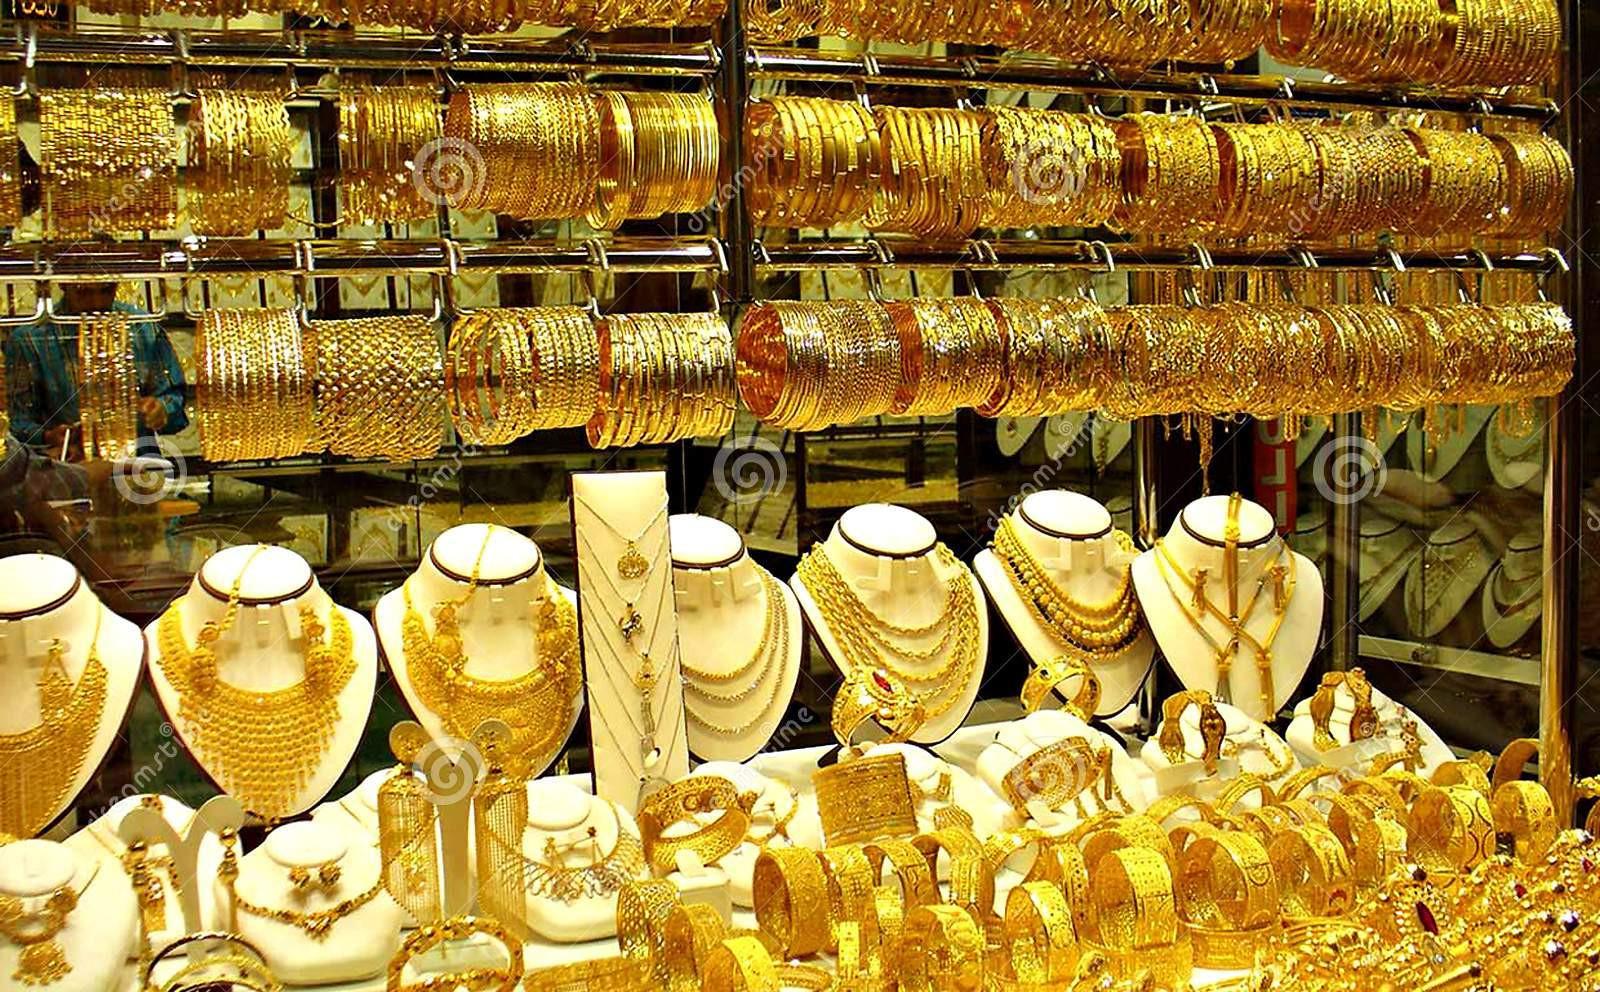 १ हजार रुपैयाँले बढ्यो सुनको मूल्य